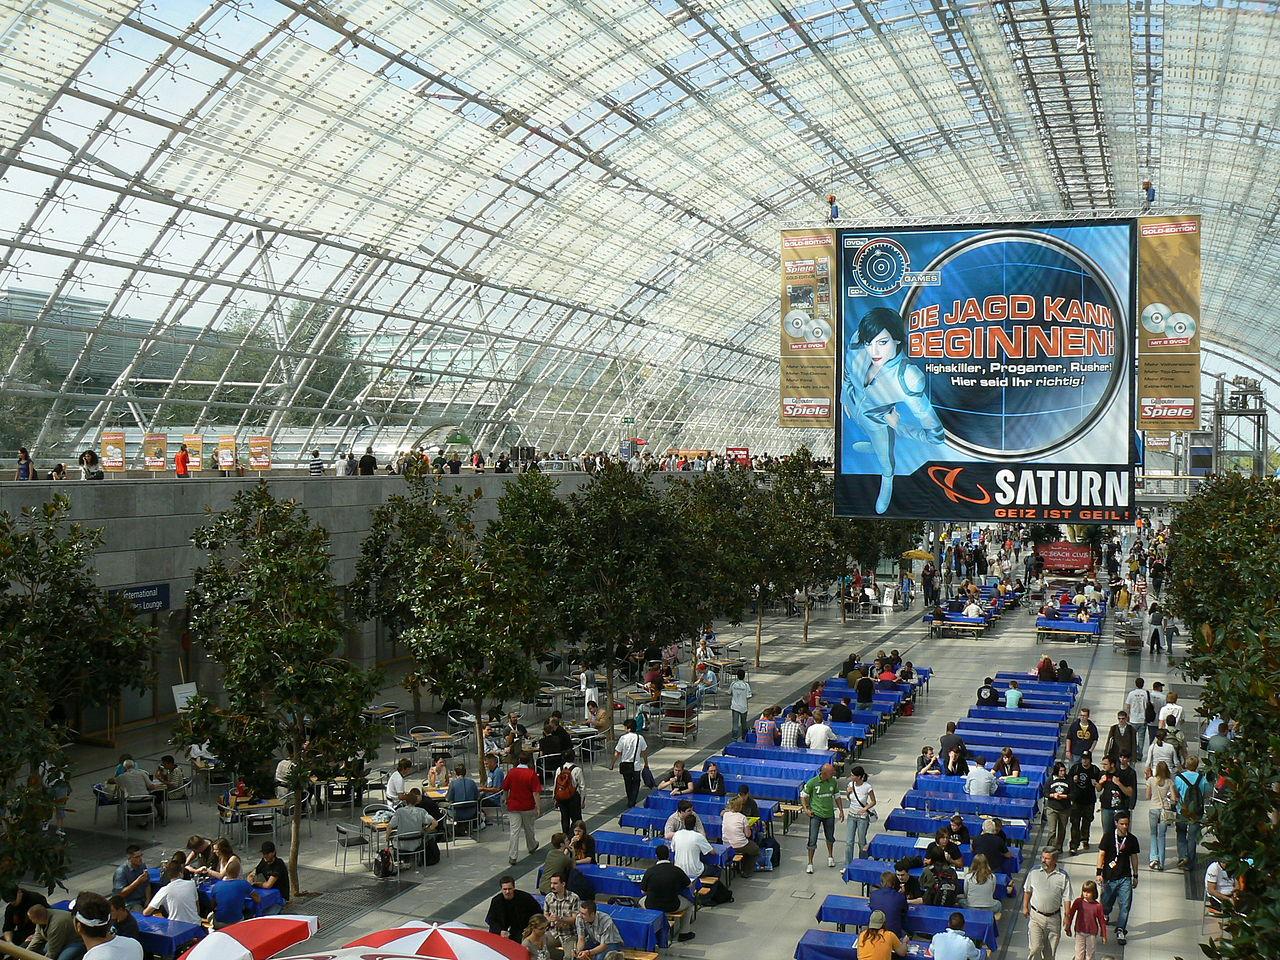 Bis 2008 wurde in Leipzig die Games Convention organisiert. Dann zog der Branchenverband nach Köln. (CC BY 2.0)